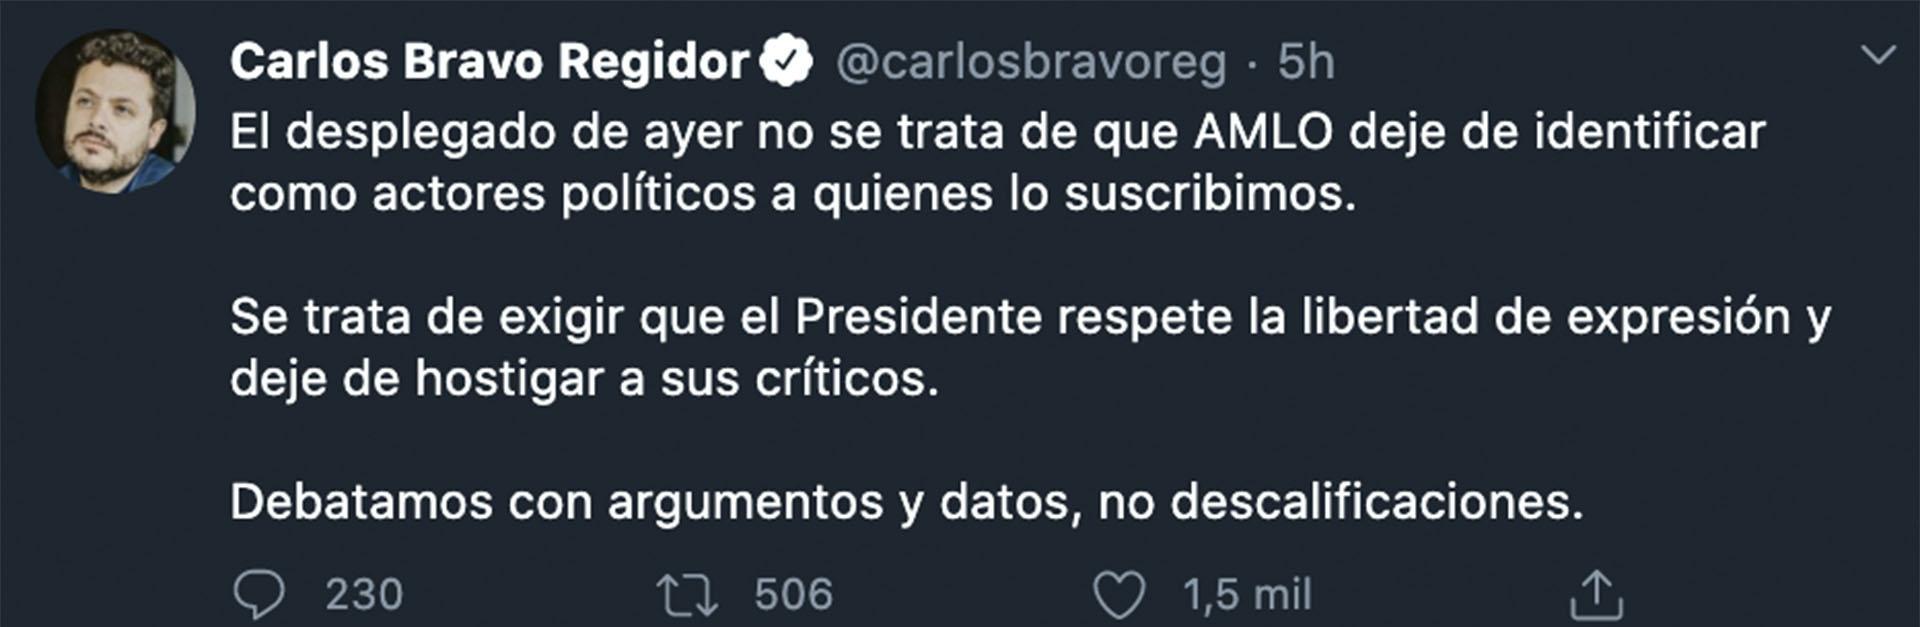 El analista del CIDE invitó a debatir las ideas y no descalificar (Foto: Twitter@carlosbravoreg)